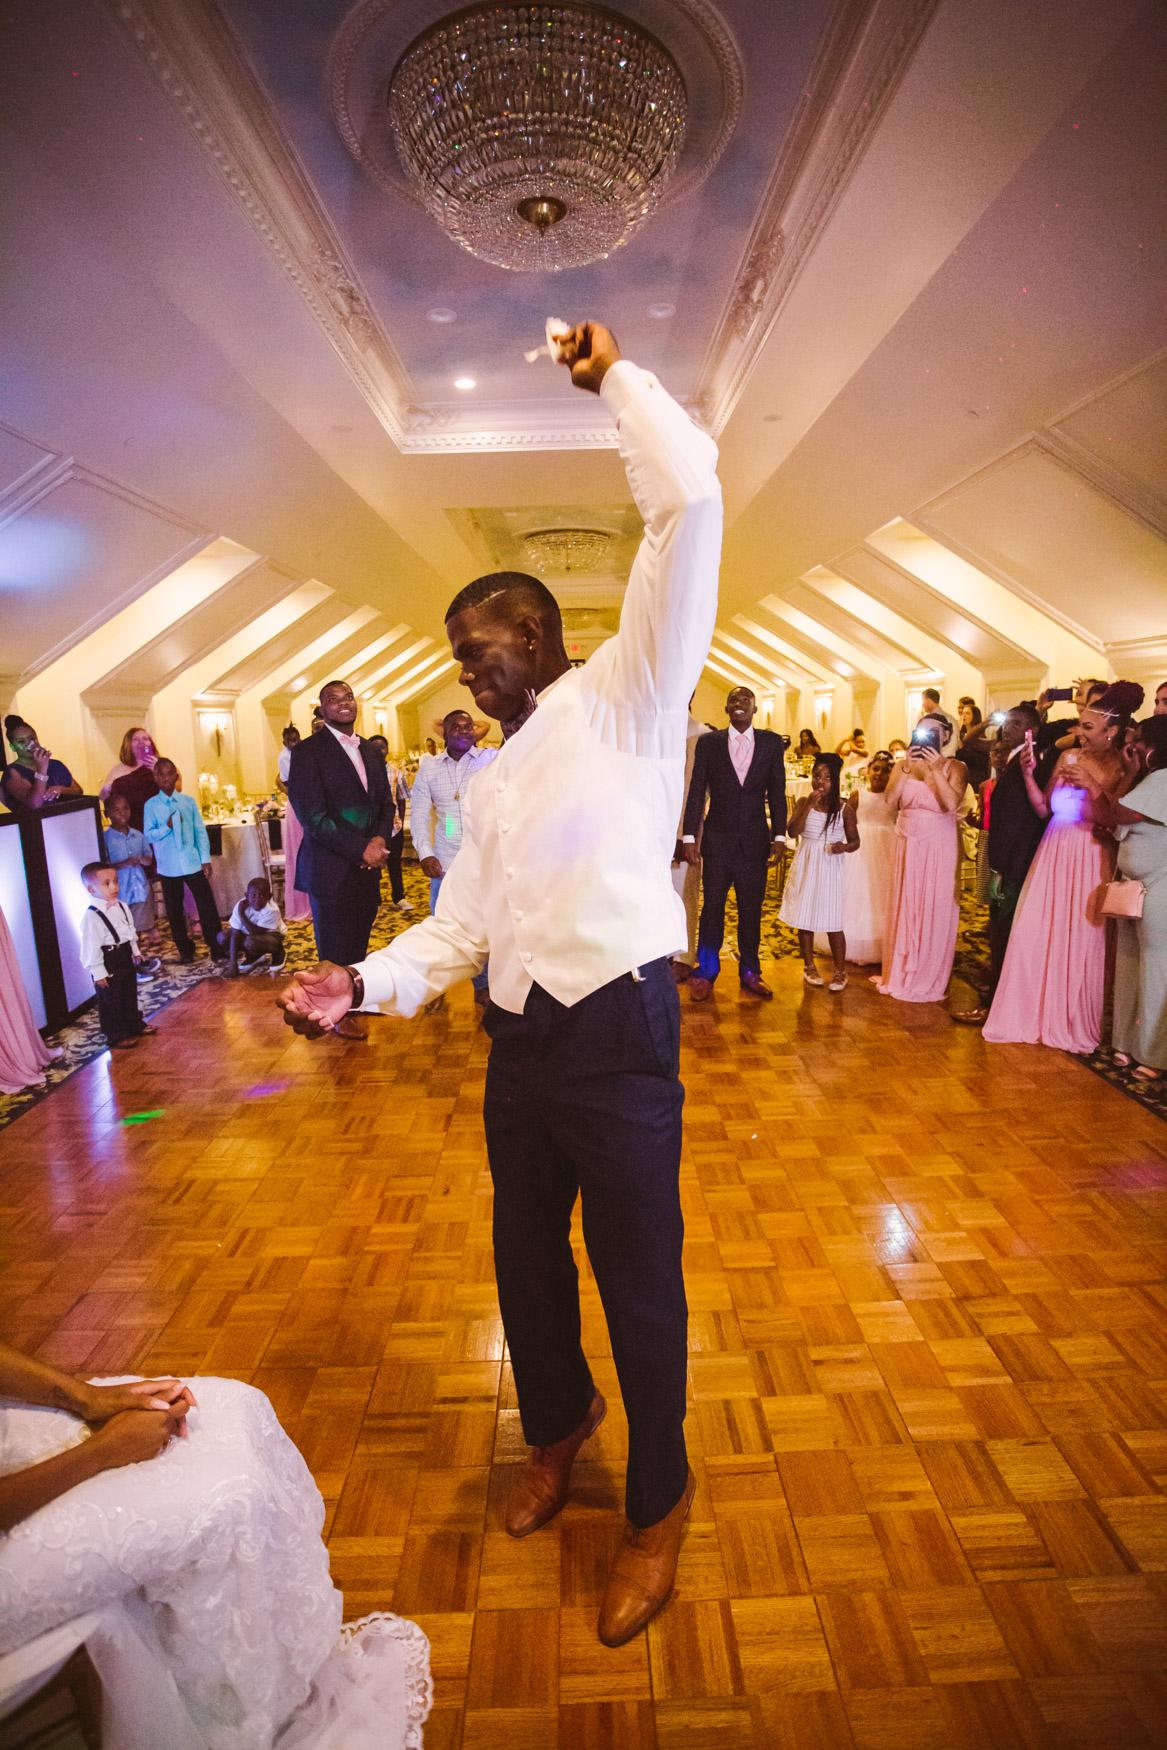 Waynesville Wedding Photography | Garter Toss